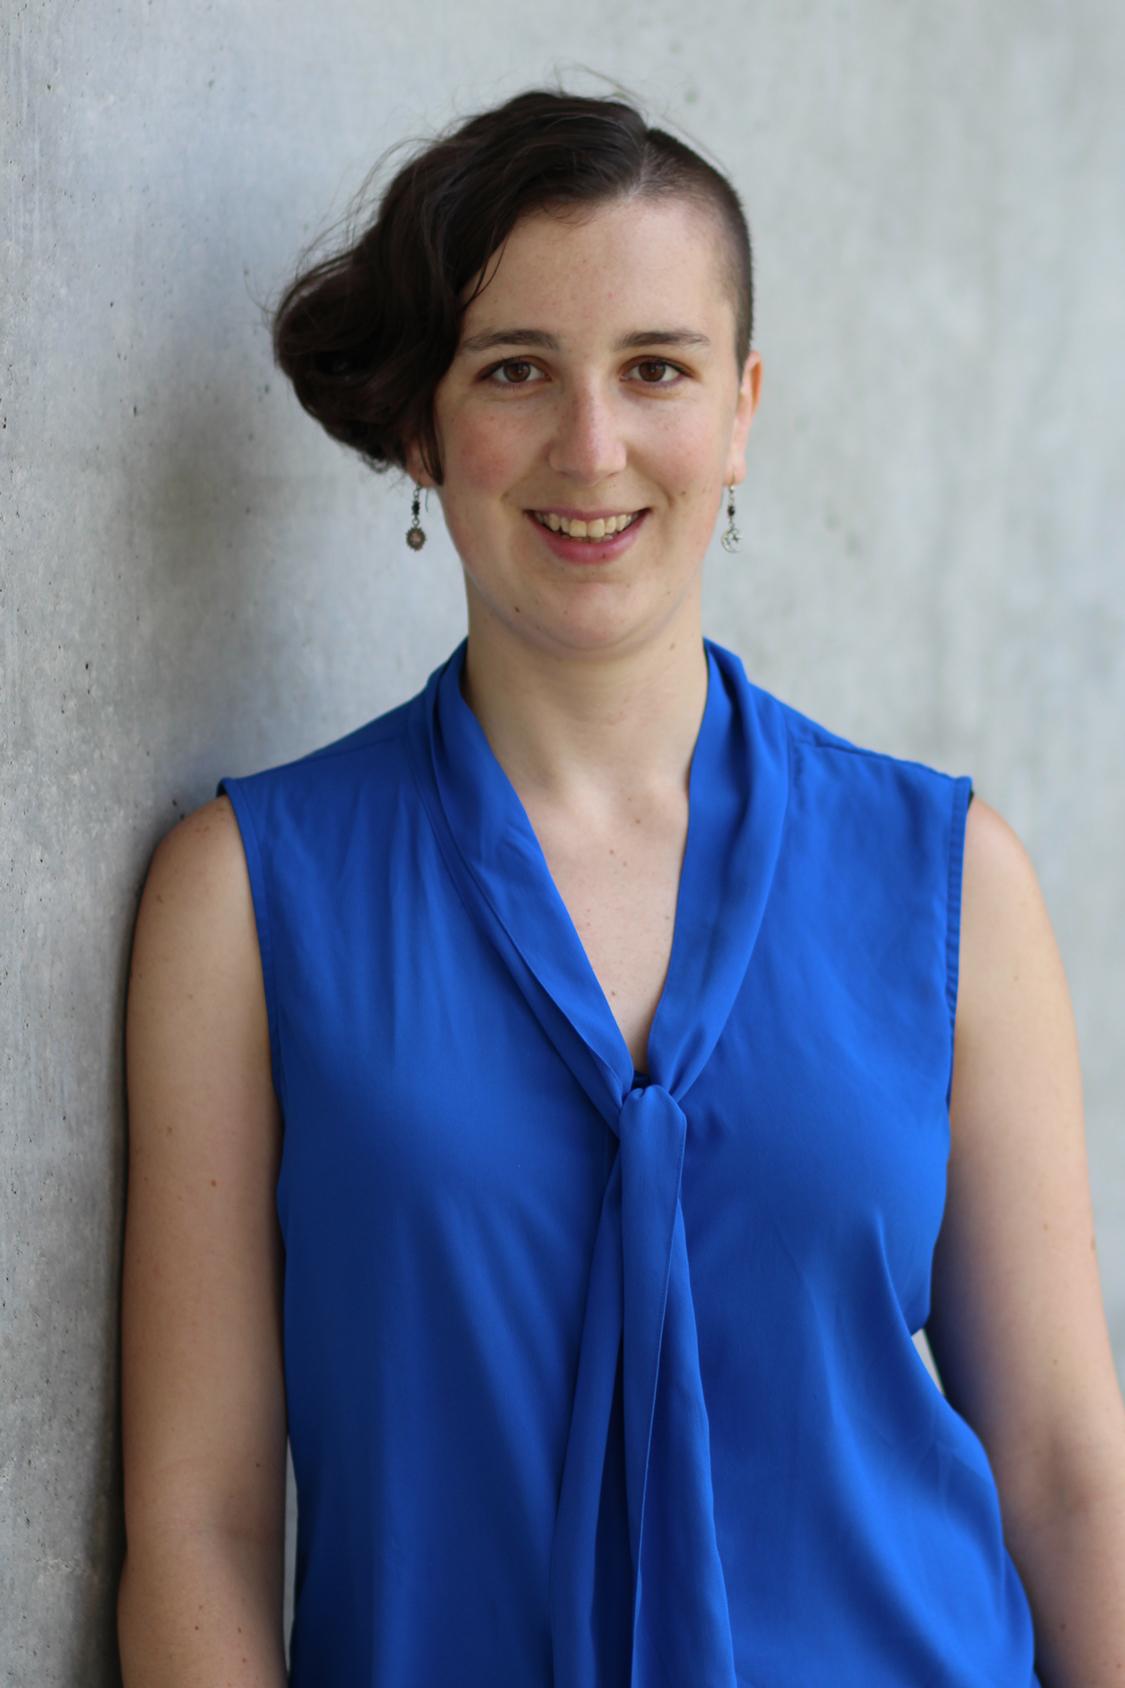 Dawn Woodward